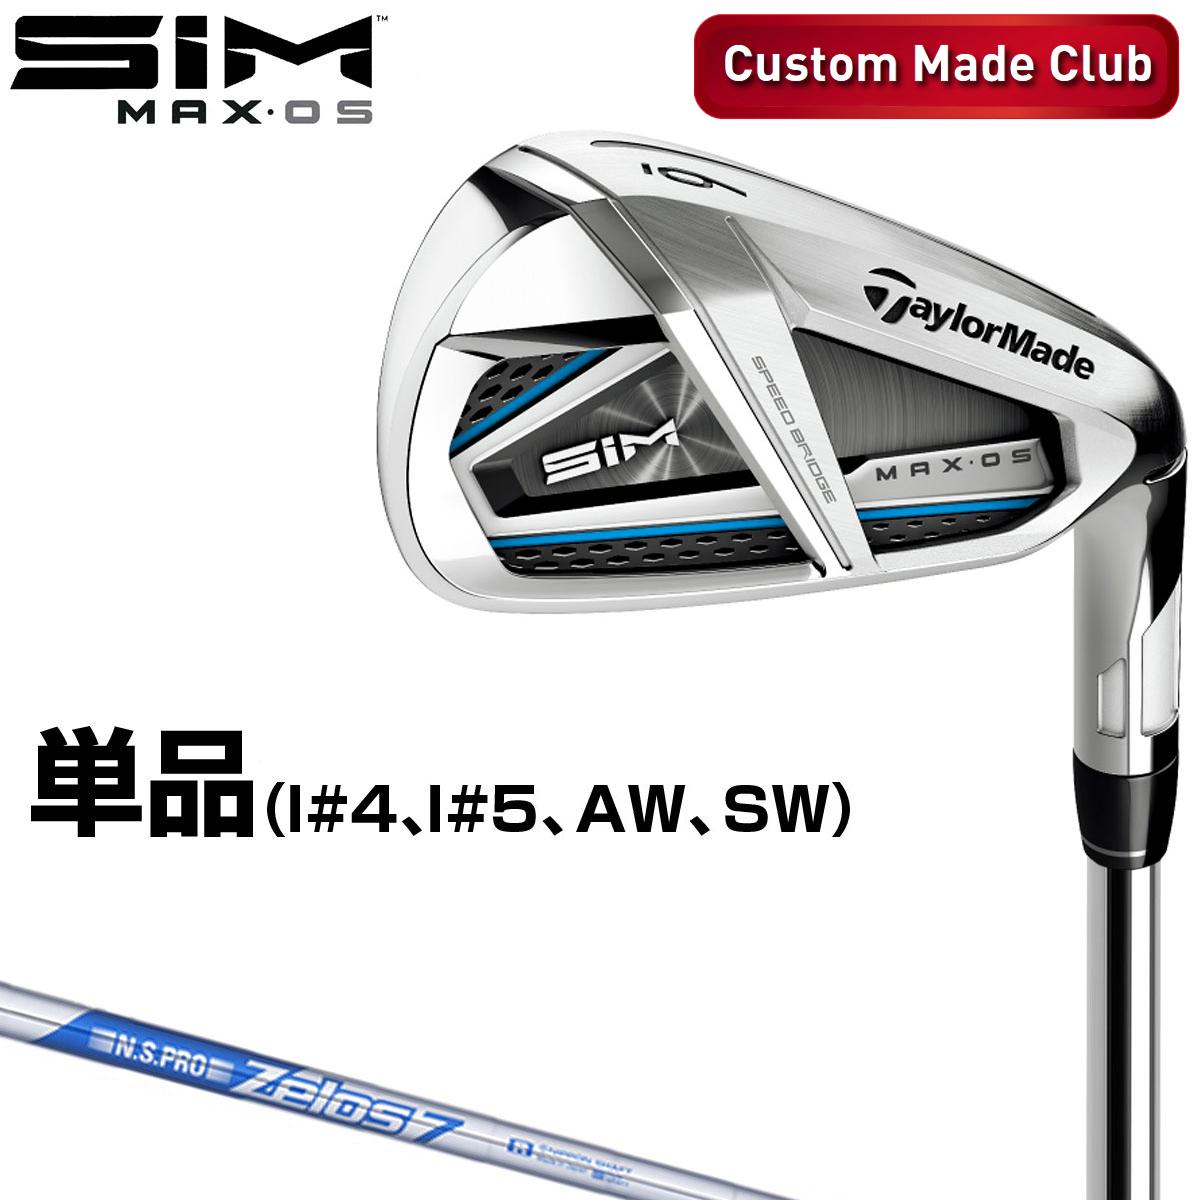 「カスタムメイドクラブ」TaylorMade(テーラーメイド)日本正規品 SIM MAX OS(シムマックスオーエス)アイアン 2020新製品 NSPRO ZELOS7スチールシャフト 単品(I#4、I#5、AW、SW)